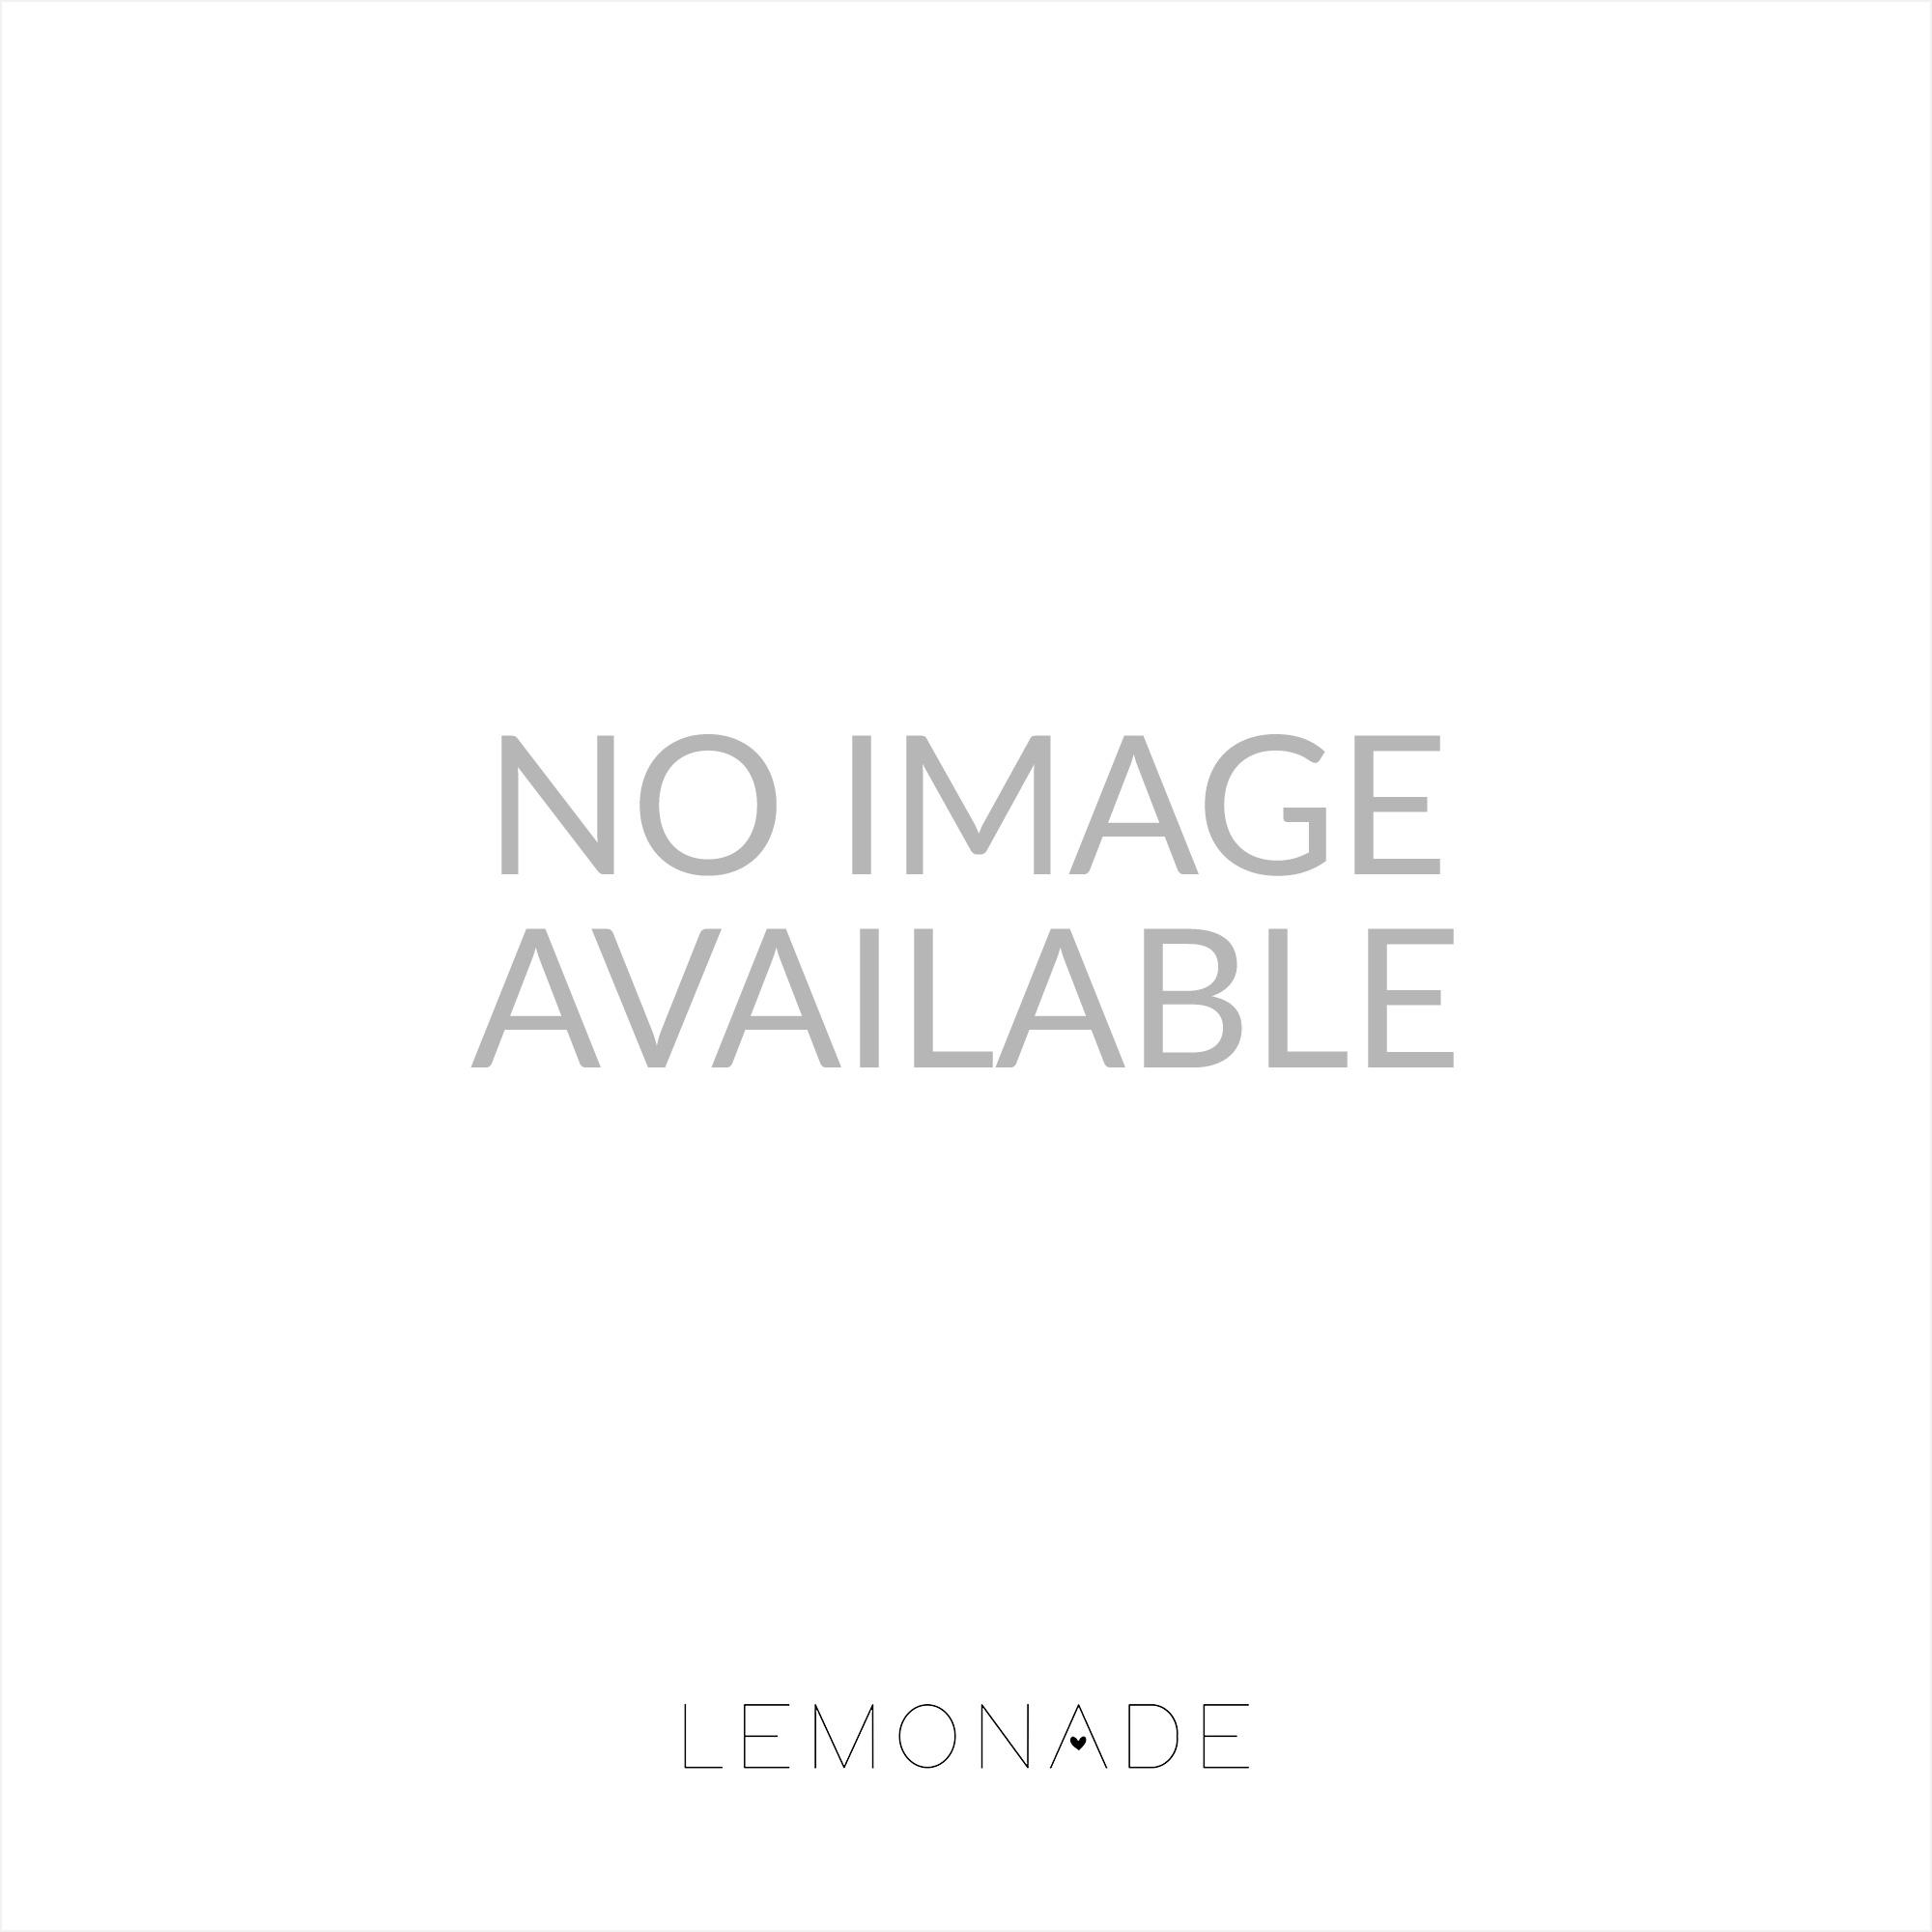 lemonade silver glitter eye shadow with high definition